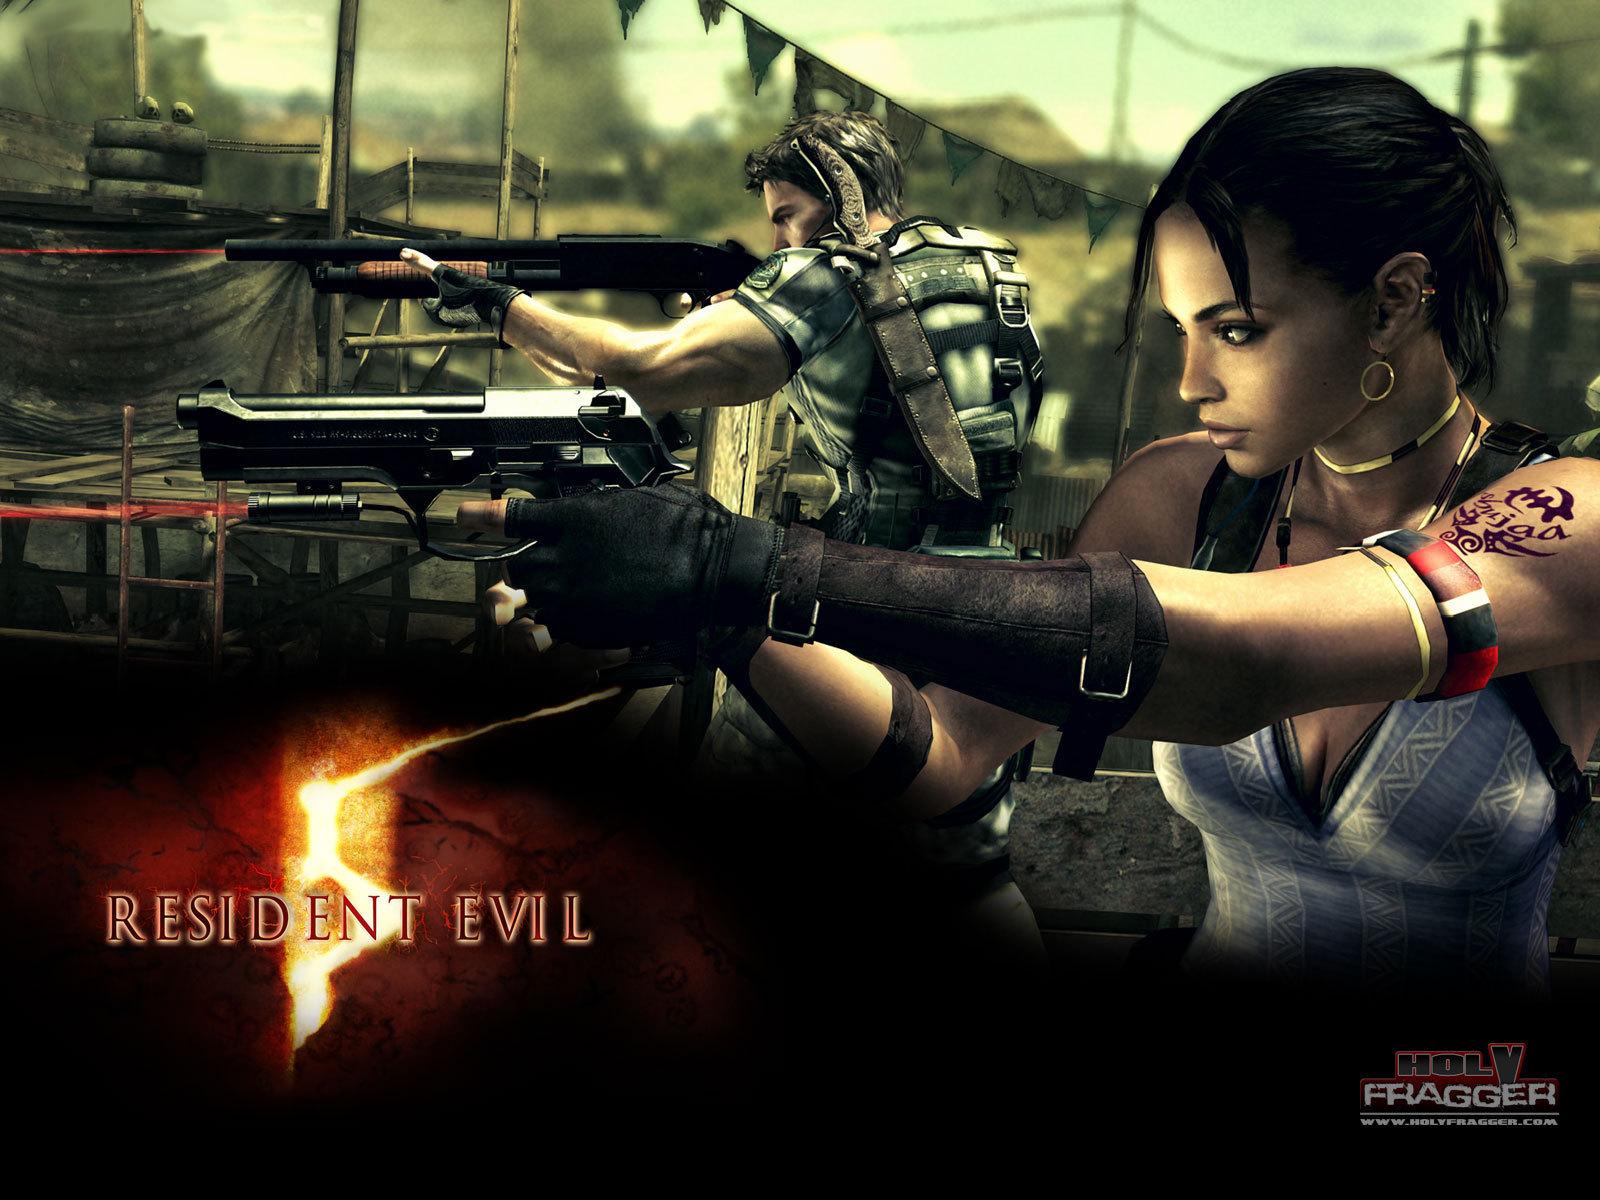 Resident Evil % Wallpaper